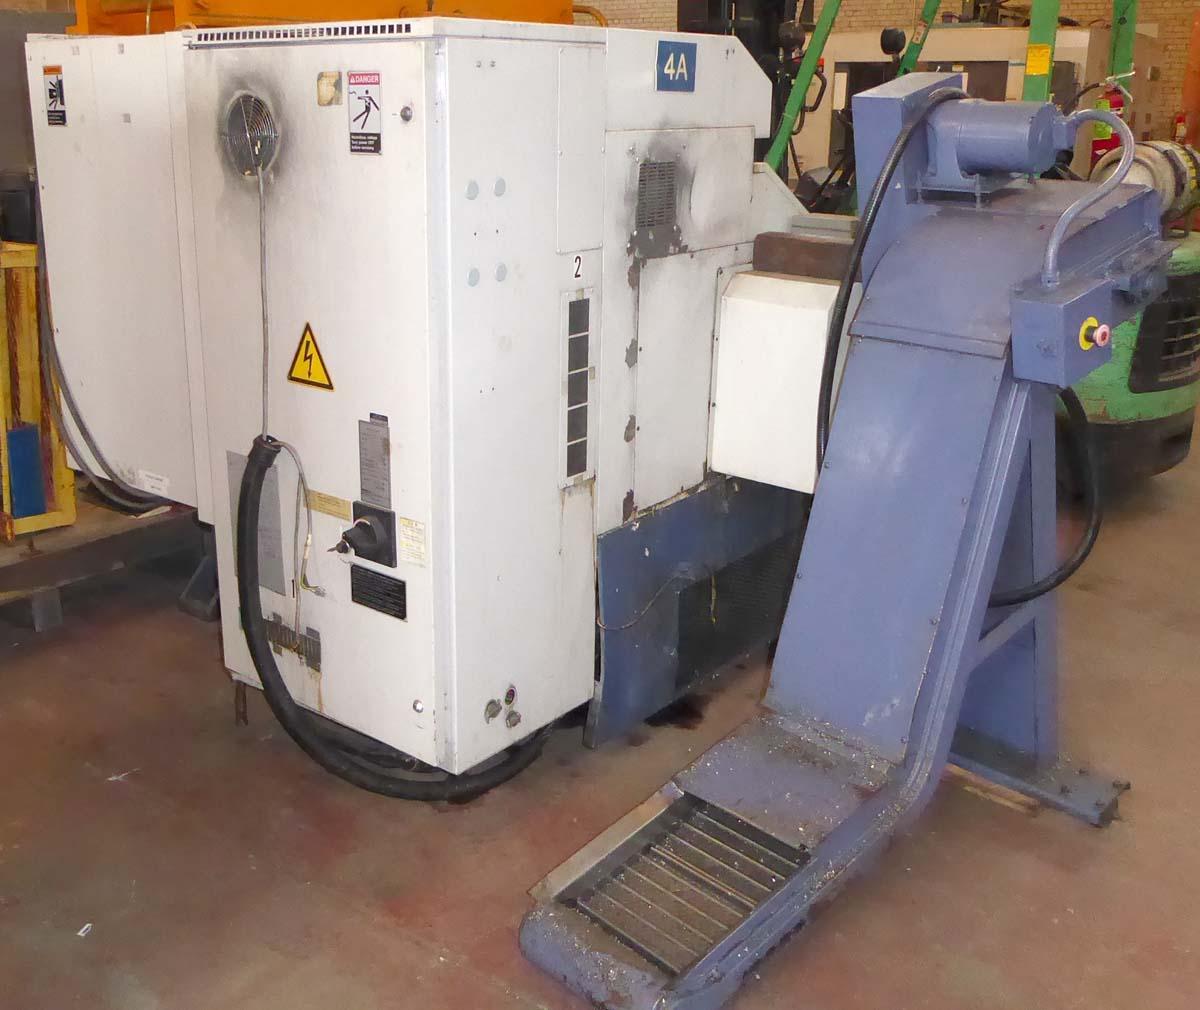 Mori-Seiki CL-200 CNC Lathe